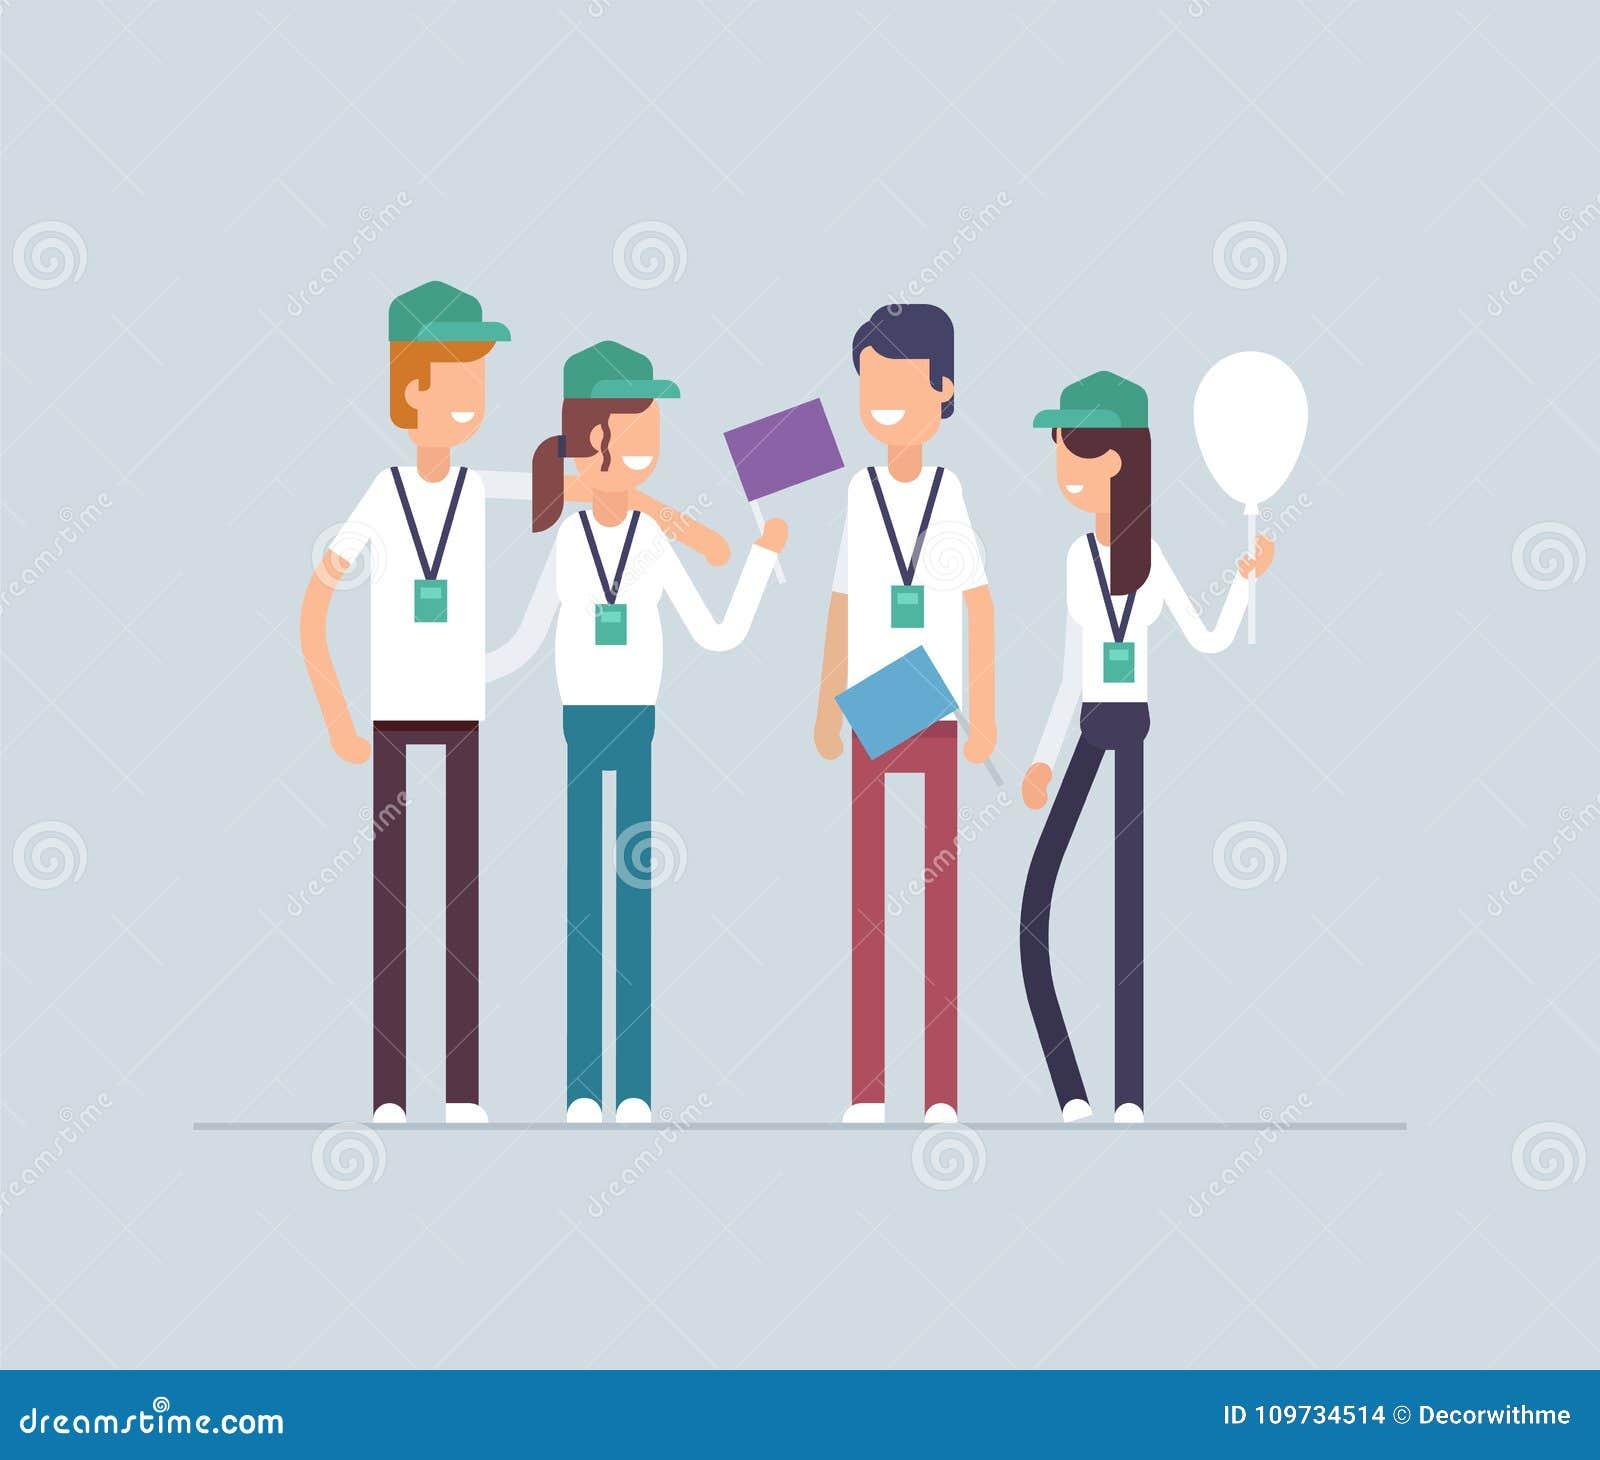 Glückliche Freiwillige, die zusammen stehen - moderne flache Designart lokalisierte Illustration